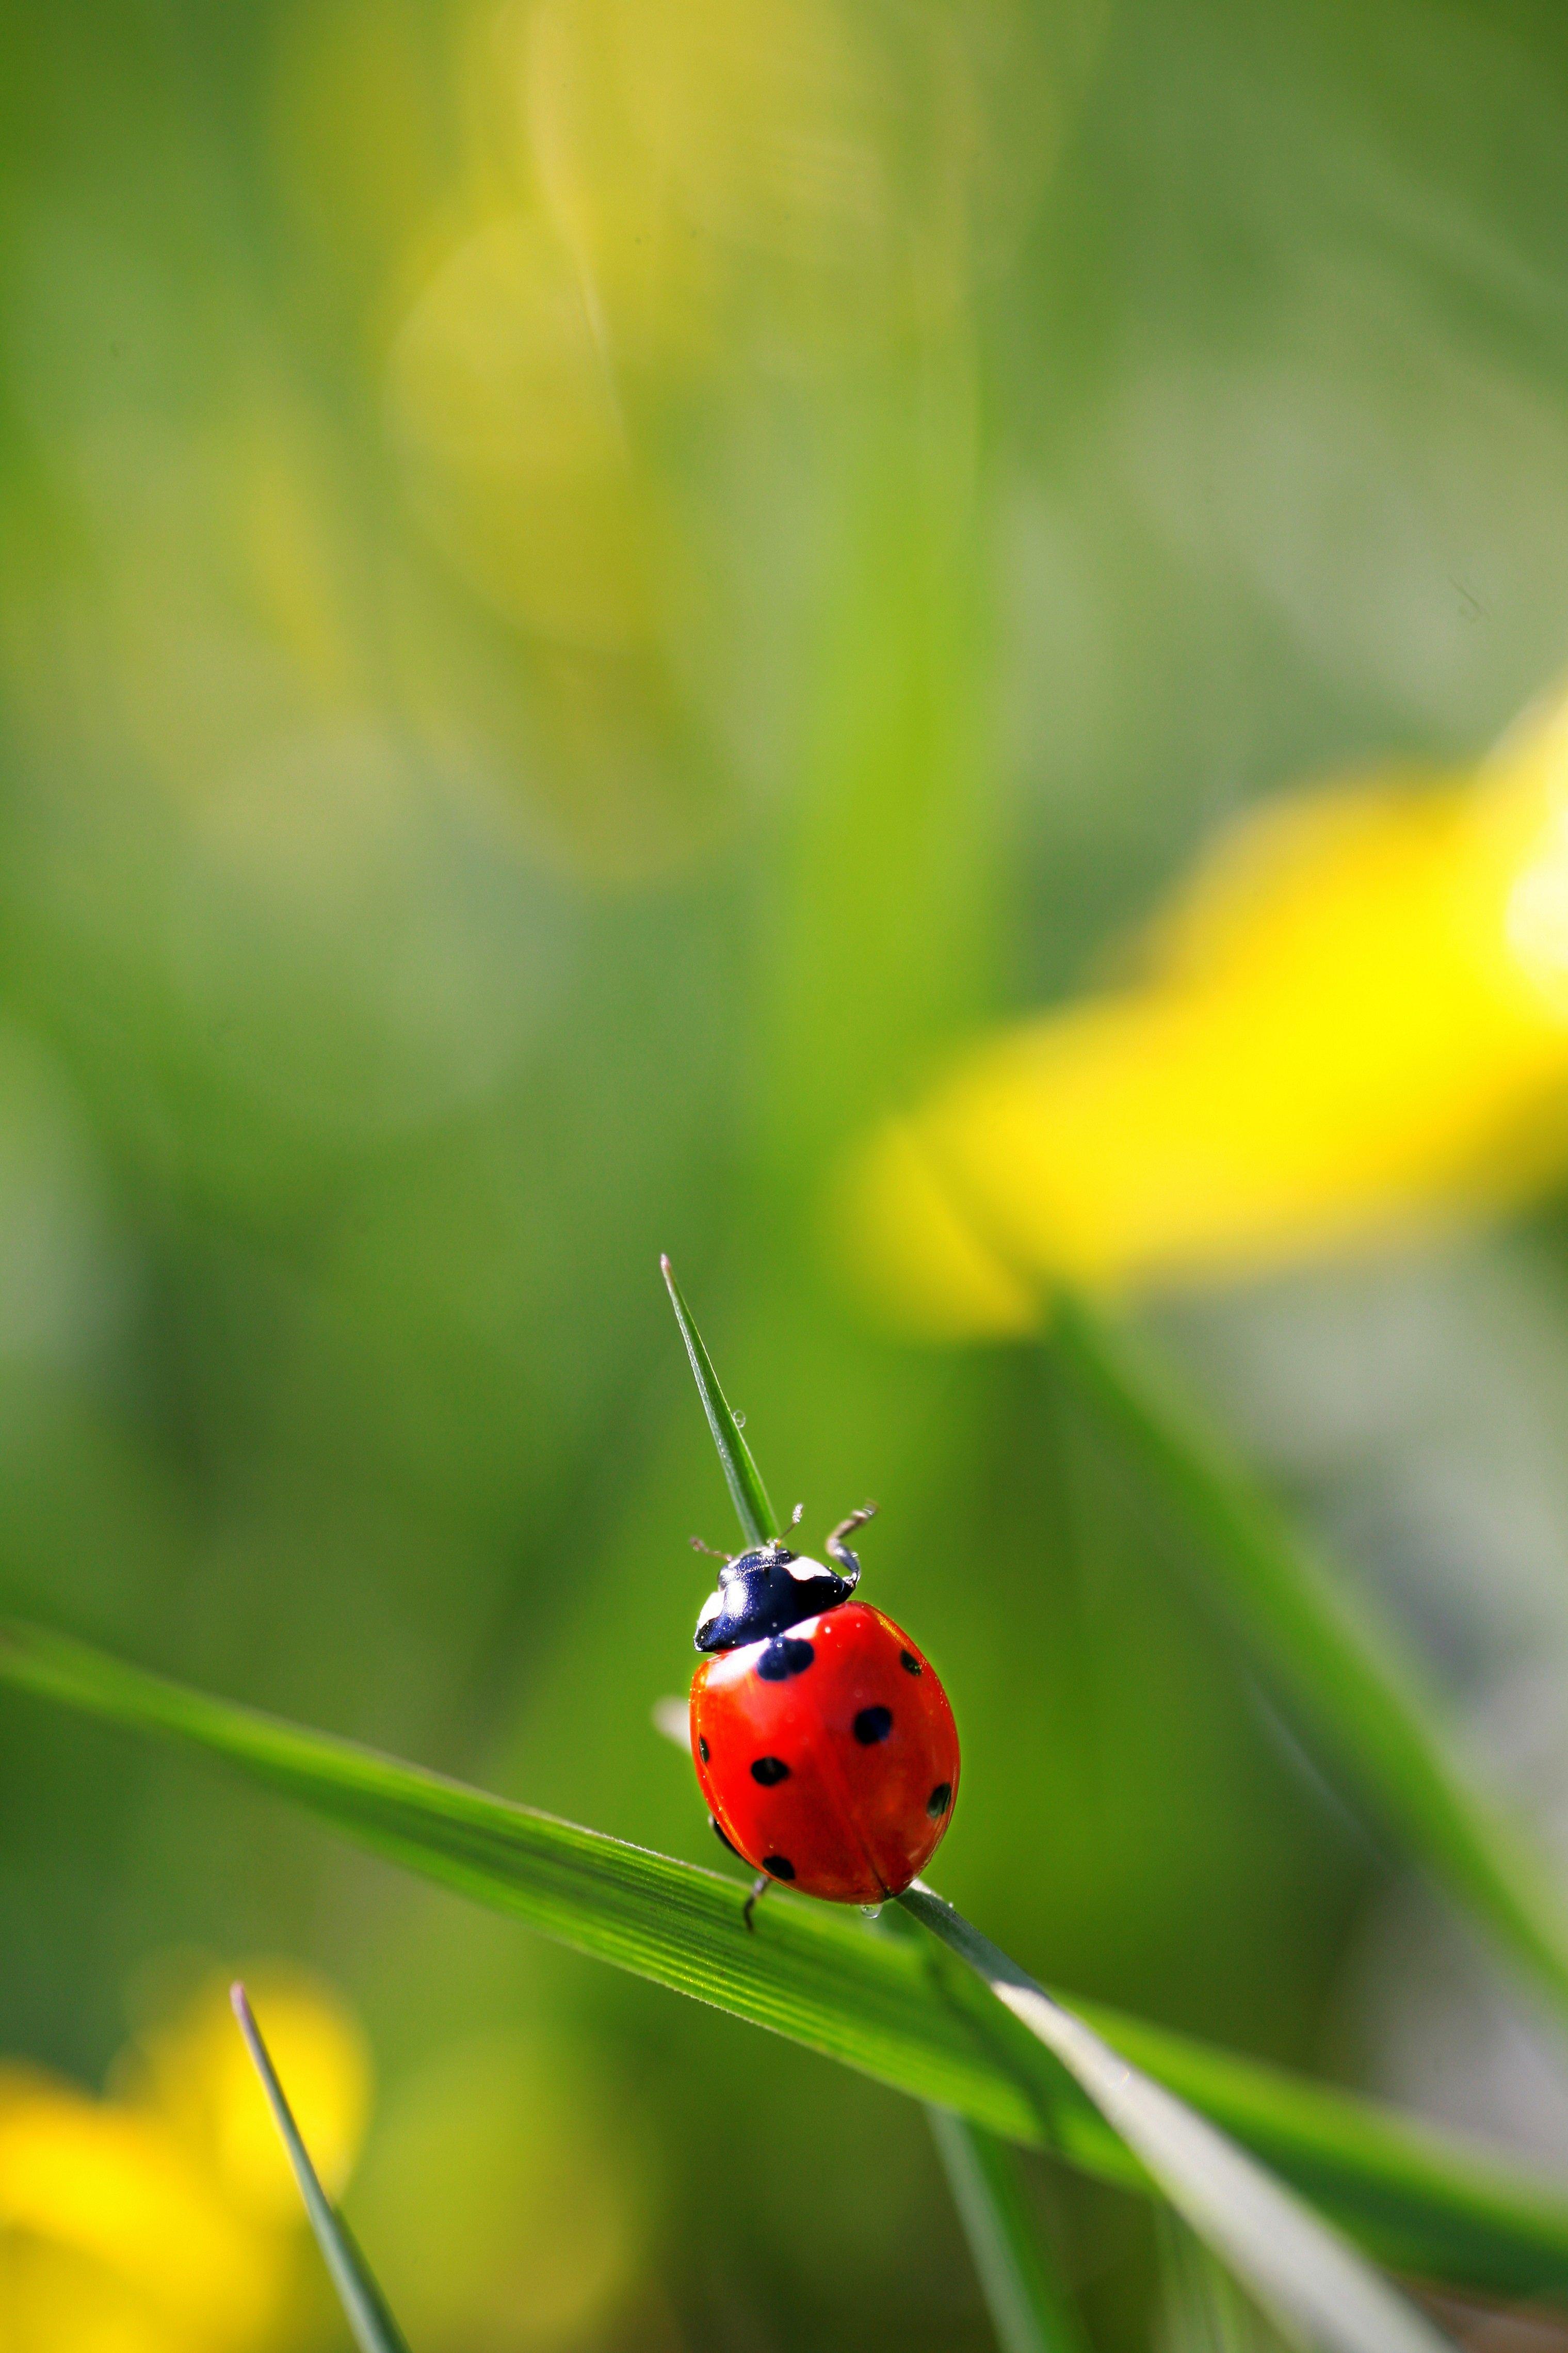 Een lieveheersbeestje. (Foto: Fotolia)